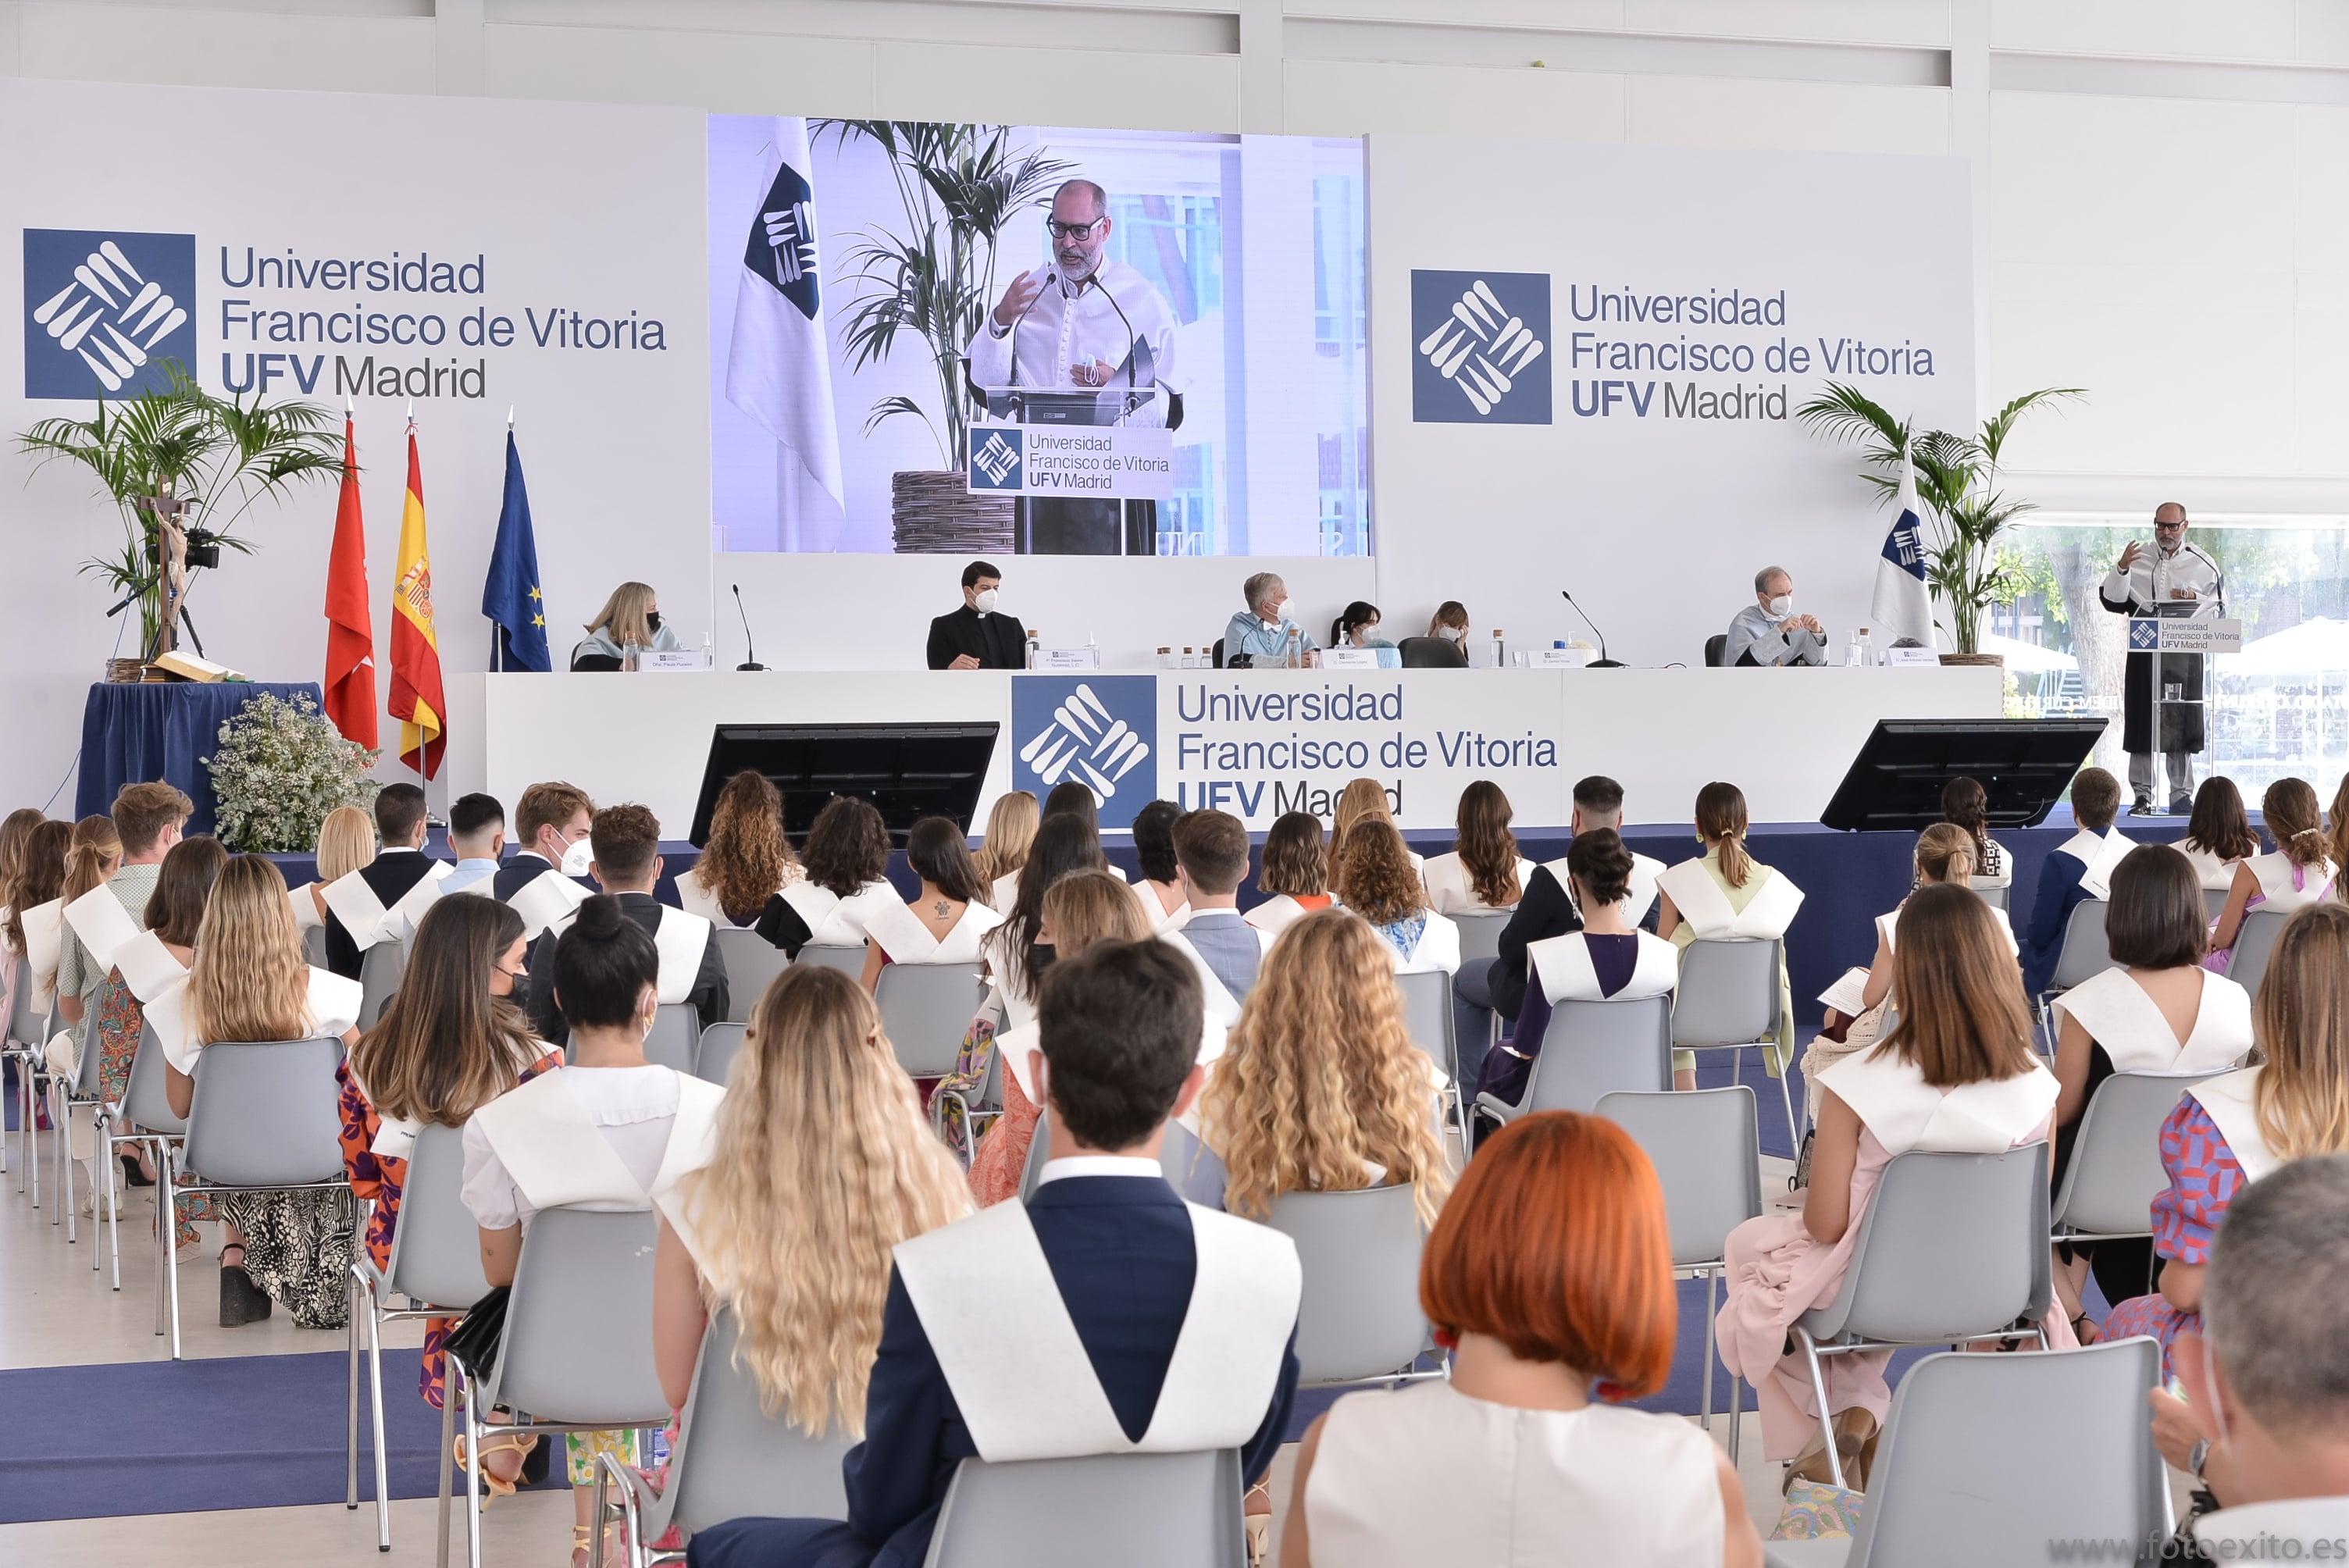 210709UFV 1020 min Actos académicos Estudiar en Universidad Privada Madrid